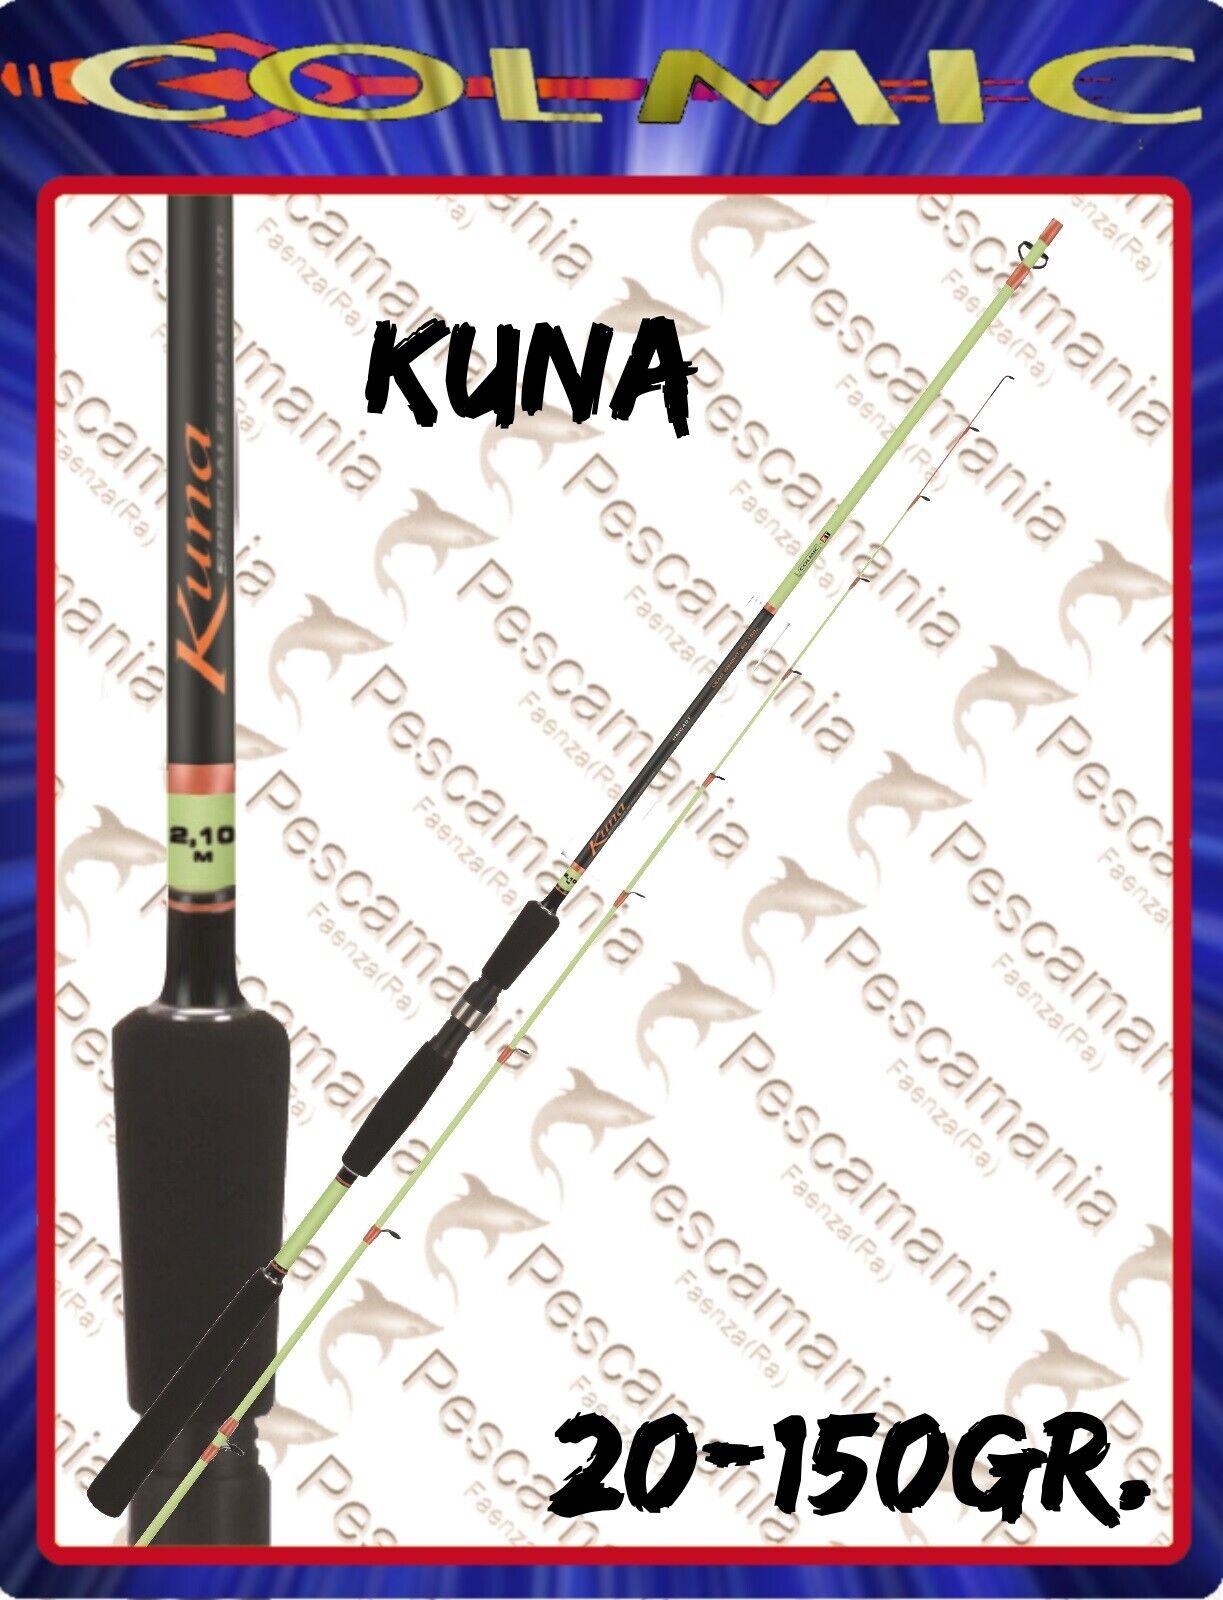 Canna colmic Kuna special bolentino medio leggero casting 20-150 gr mt.1.8-2,7